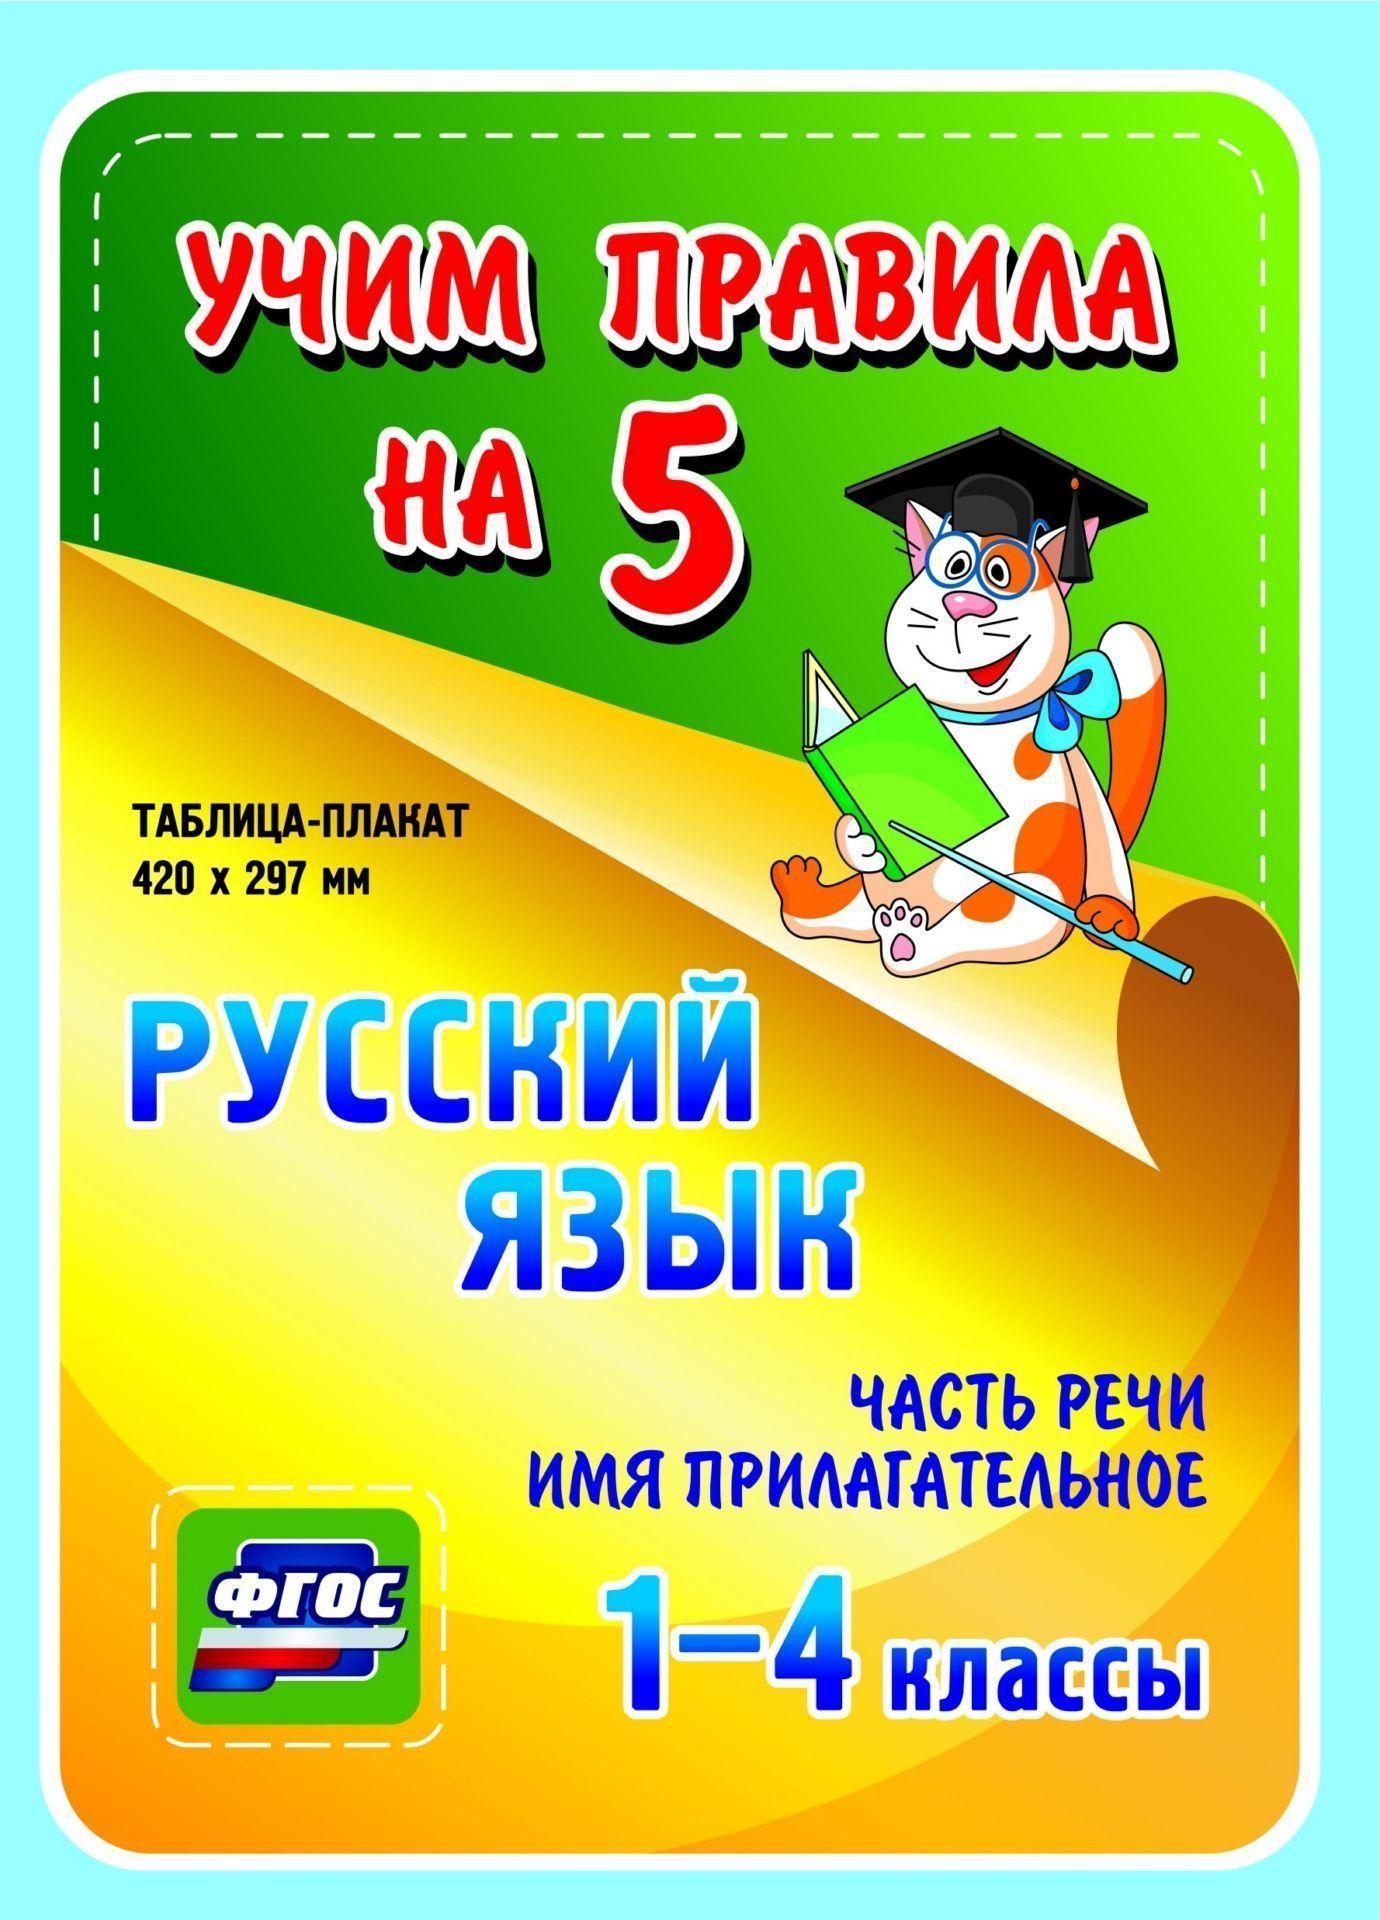 Русский язык. Часть речи. Имя прилагательное. 1-4 классы: Таблица-плакат 420х297